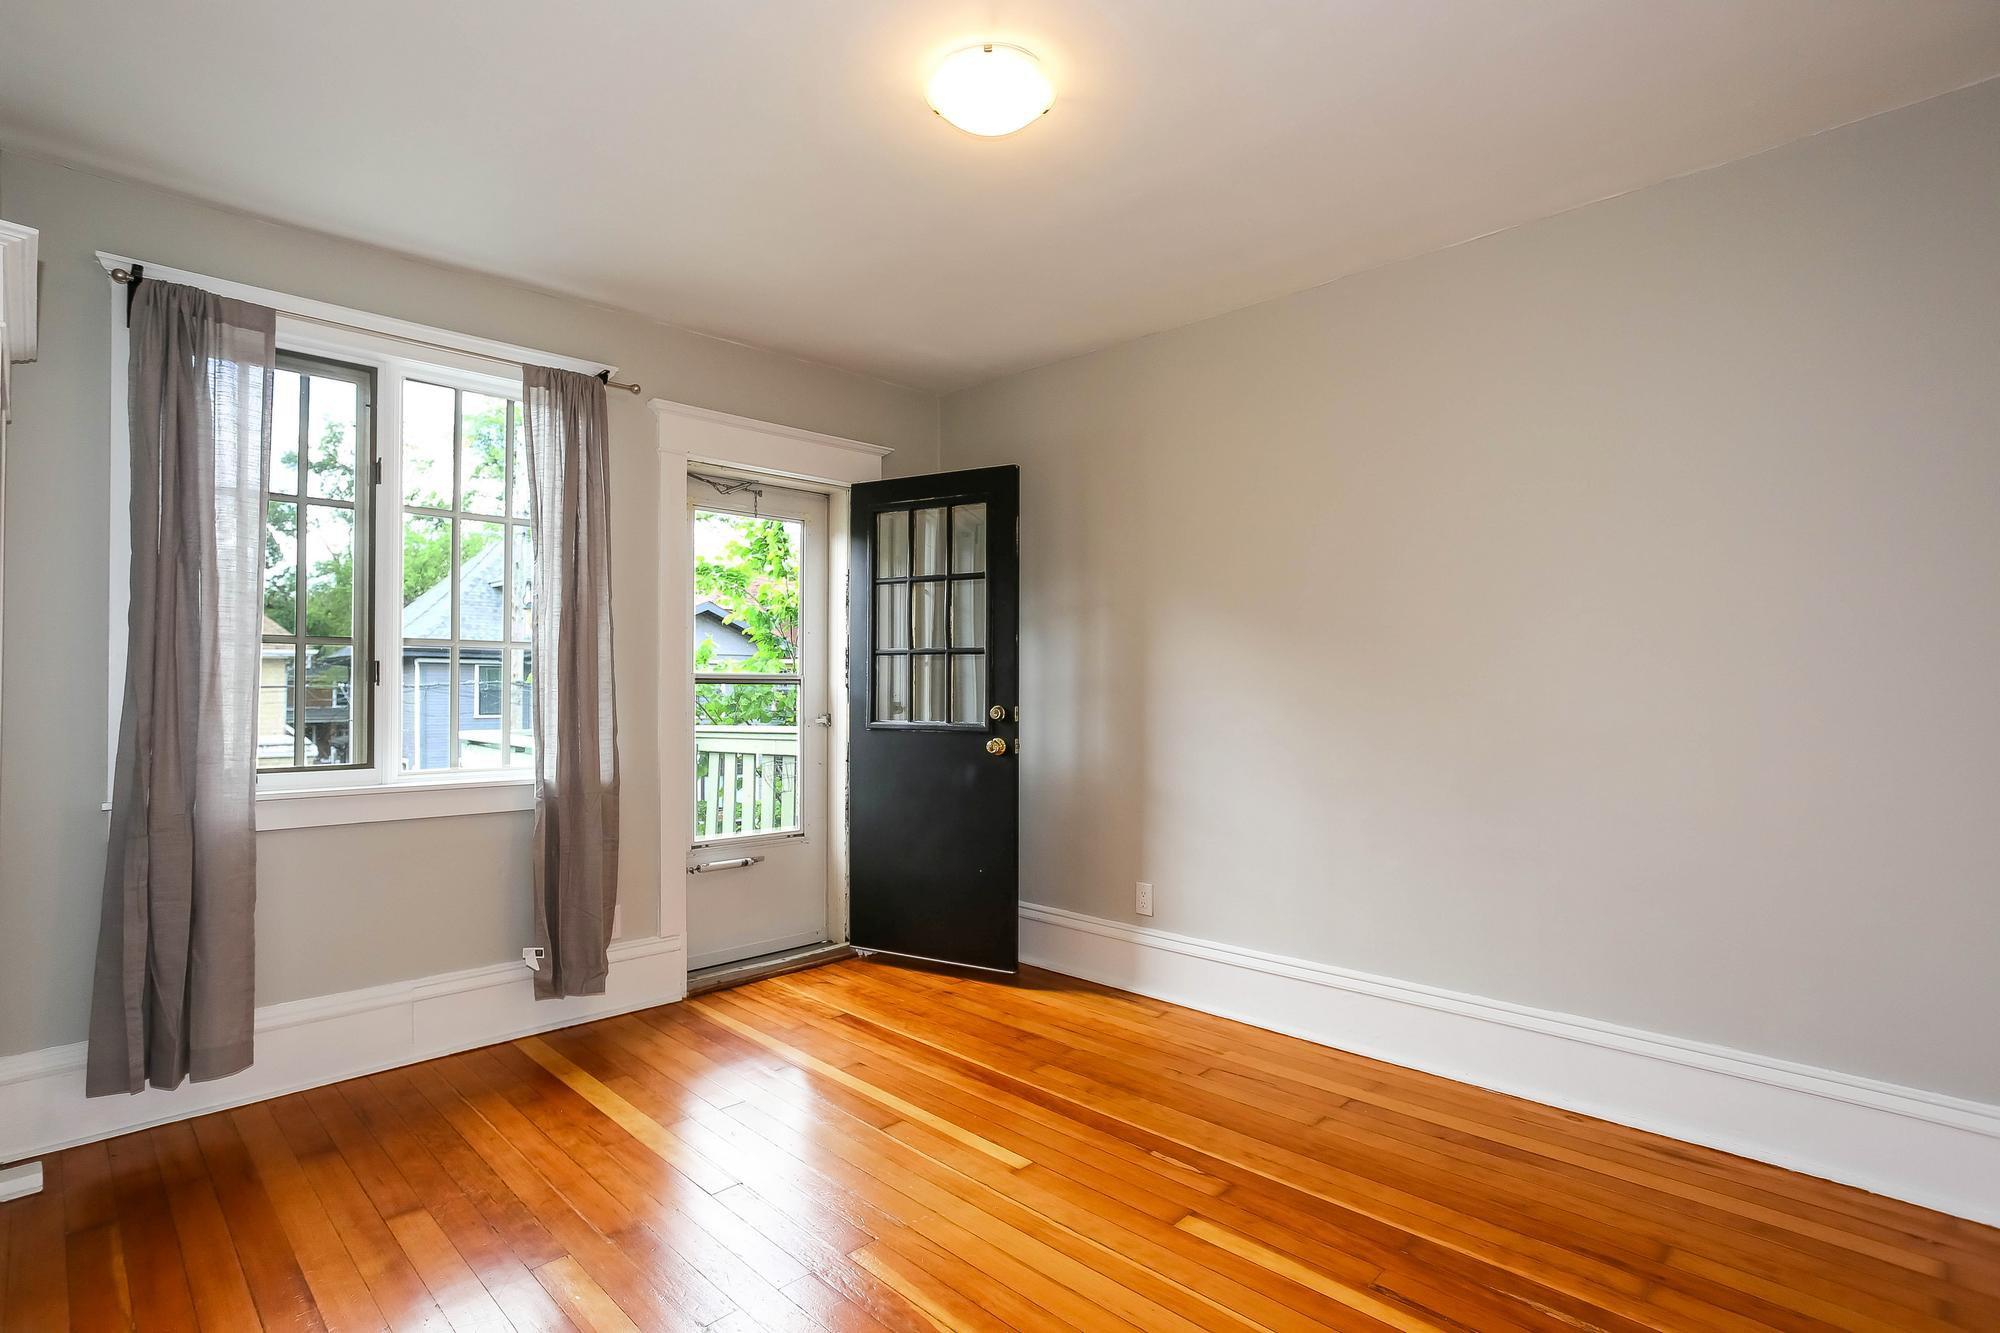 Photo 30: Photos: 108 LENORE Street in Winnipeg: Wolseley Single Family Detached for sale (5B)  : MLS®# 202013079